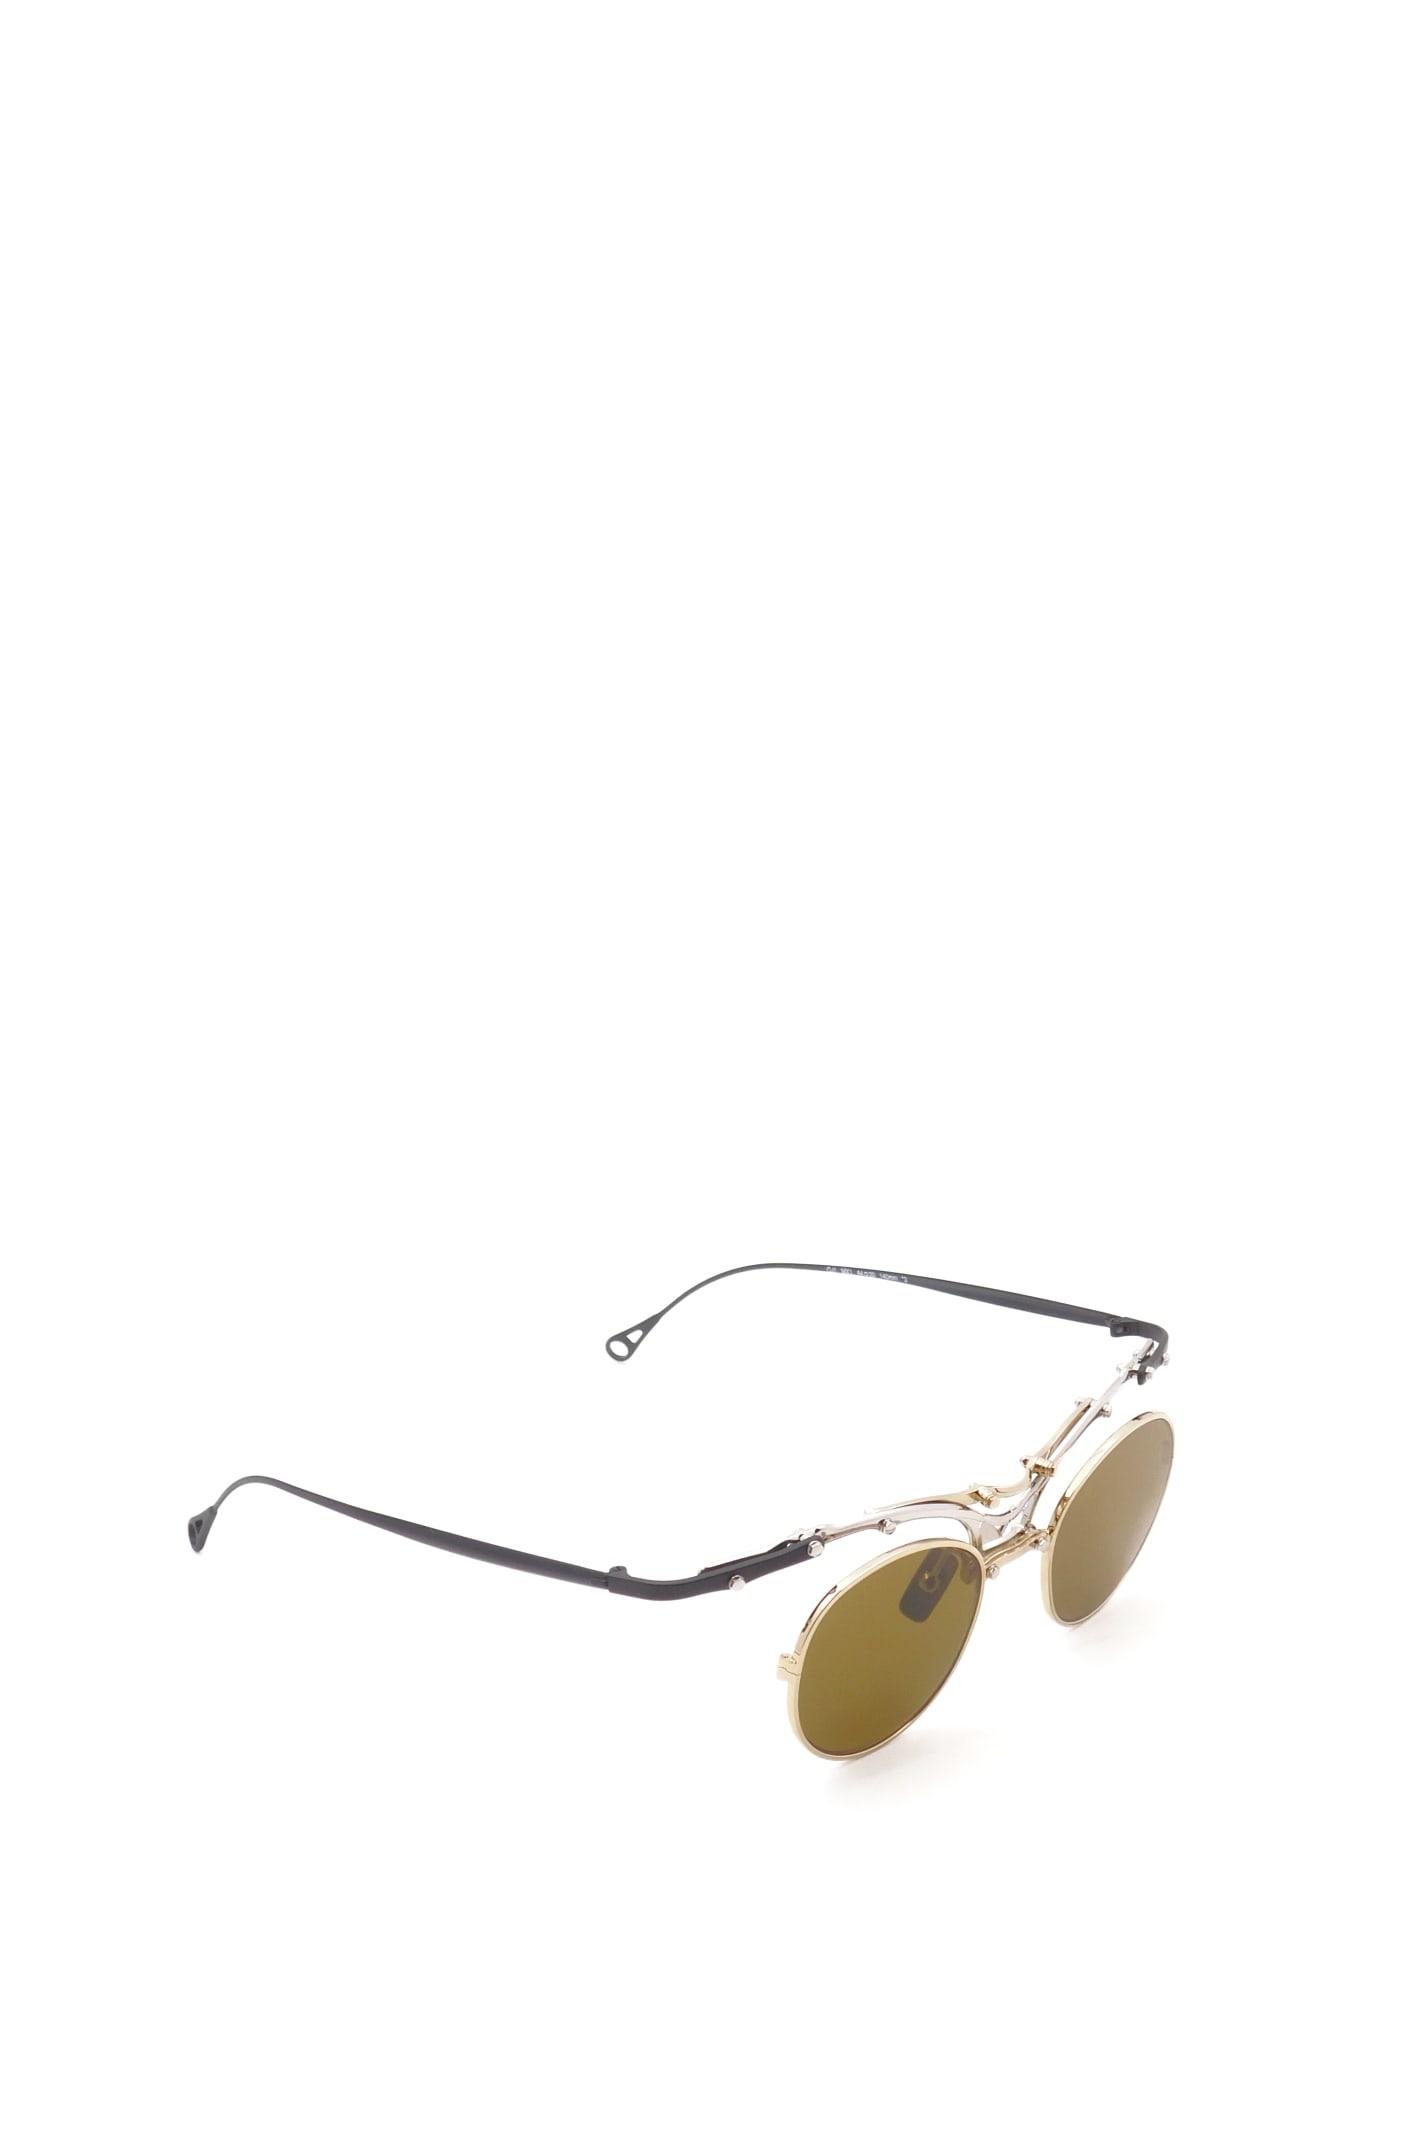 OJ1 Sunglasses